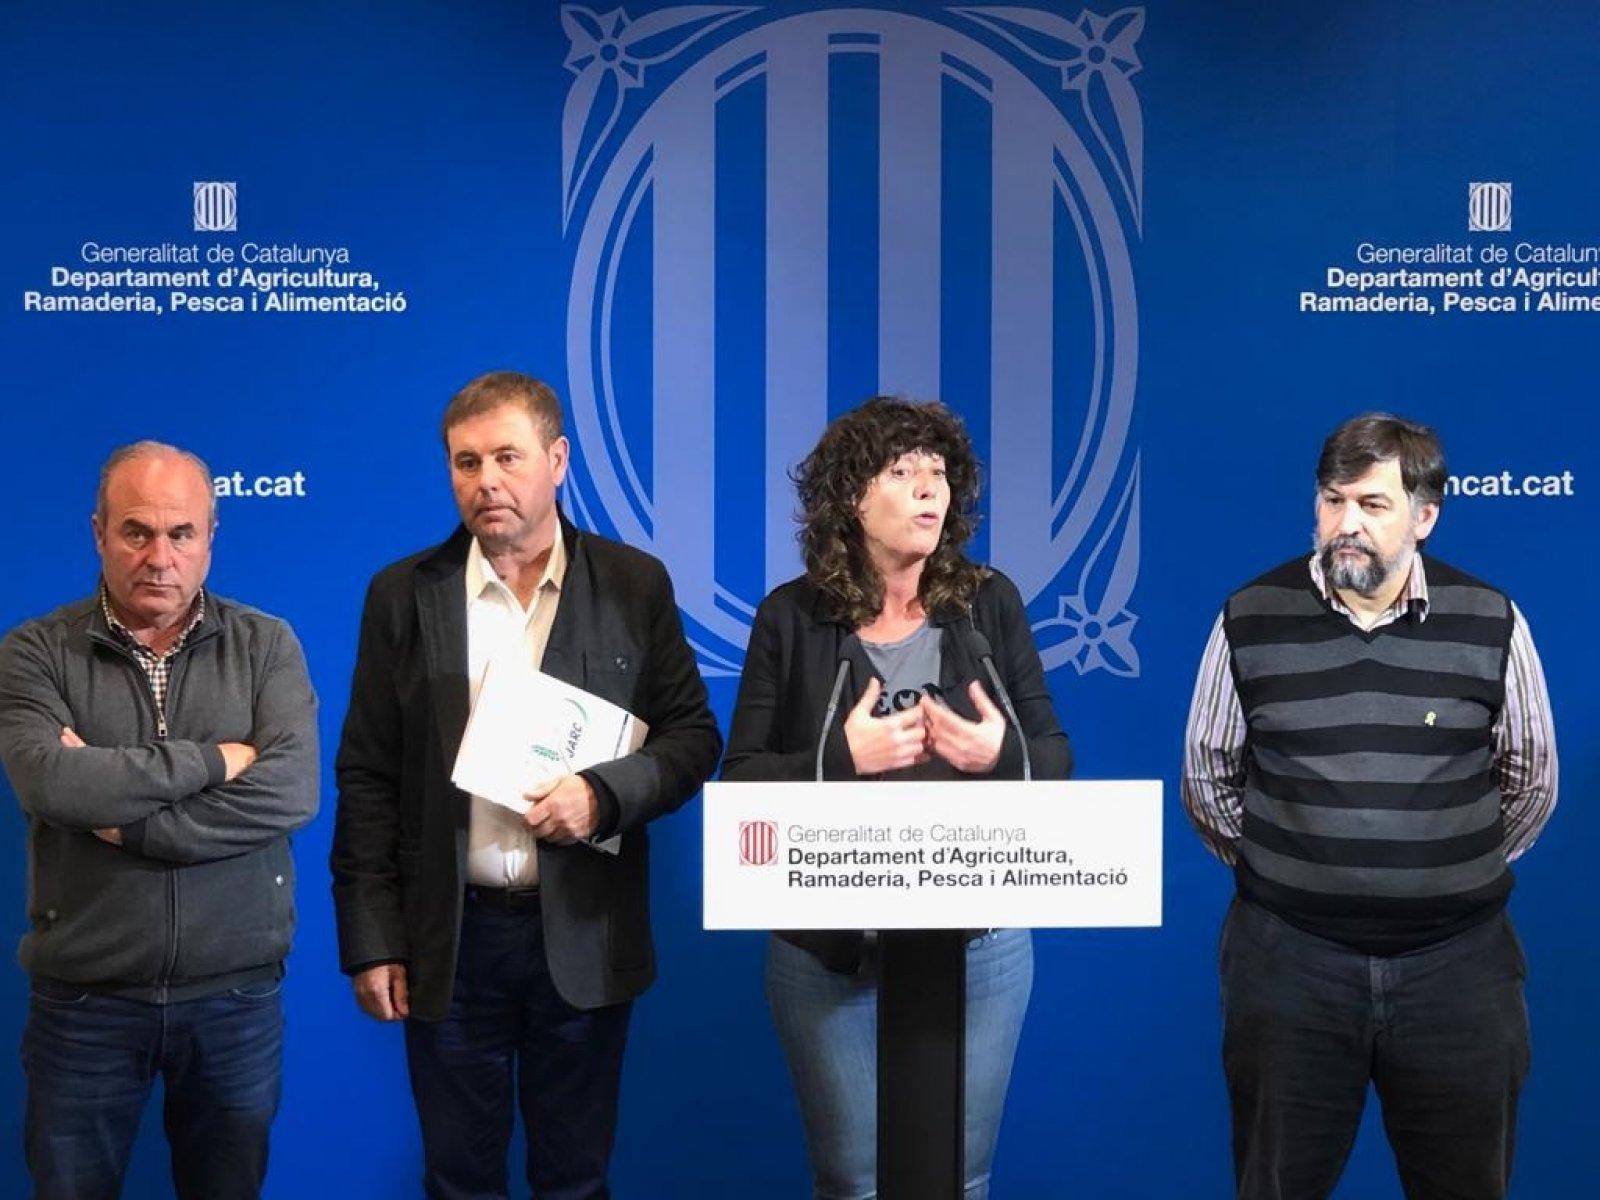 La consellera Jordà amb el coordinador d'UP, Joan Caball, el president de JARC, Francesc Xavier Vela, i el president de la FCAC, Ramon Sarroca